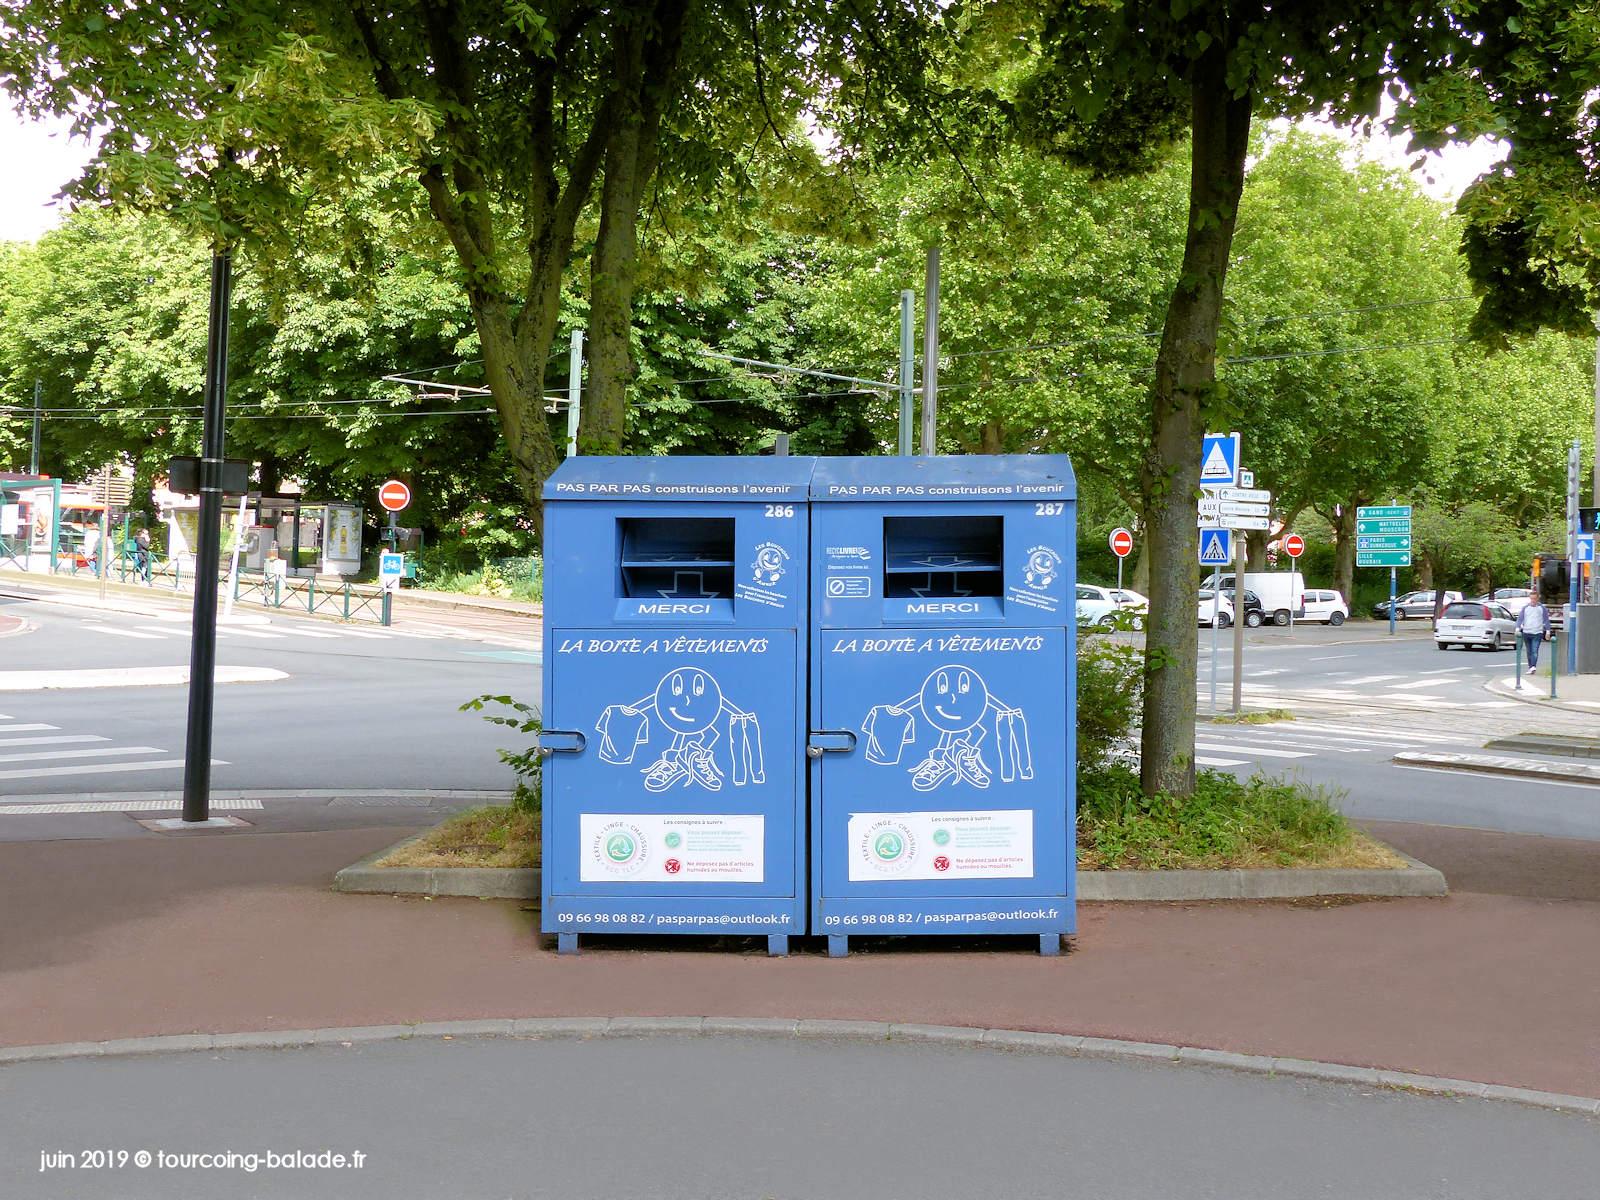 Consigne vêtements récupération - Tourcoing Victoire Pompidou